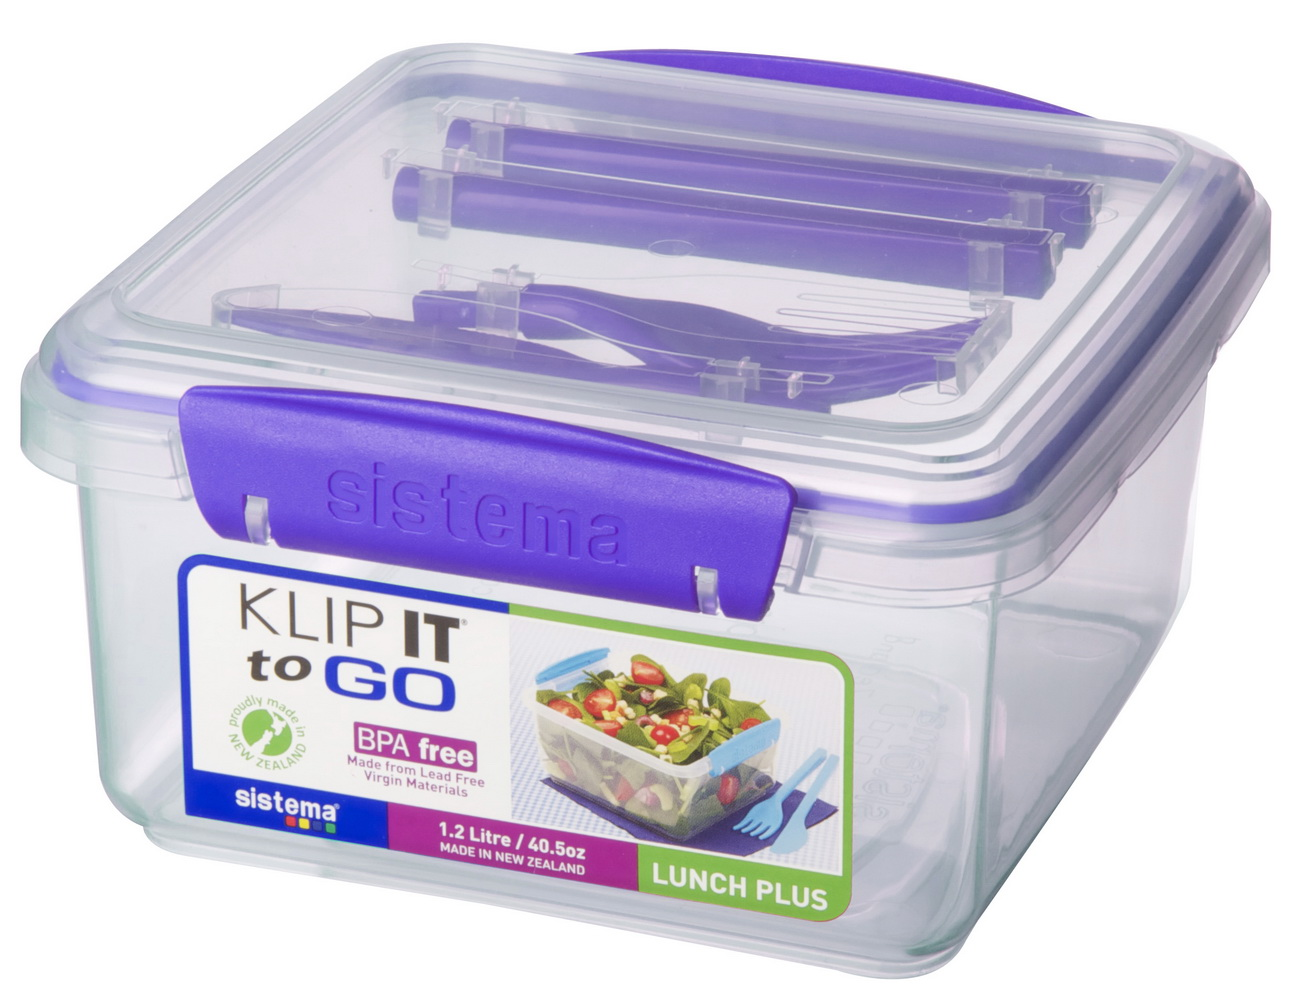 אחסונית לארוחה 1.2 ליטר כולל מזלג וסכין TO GO